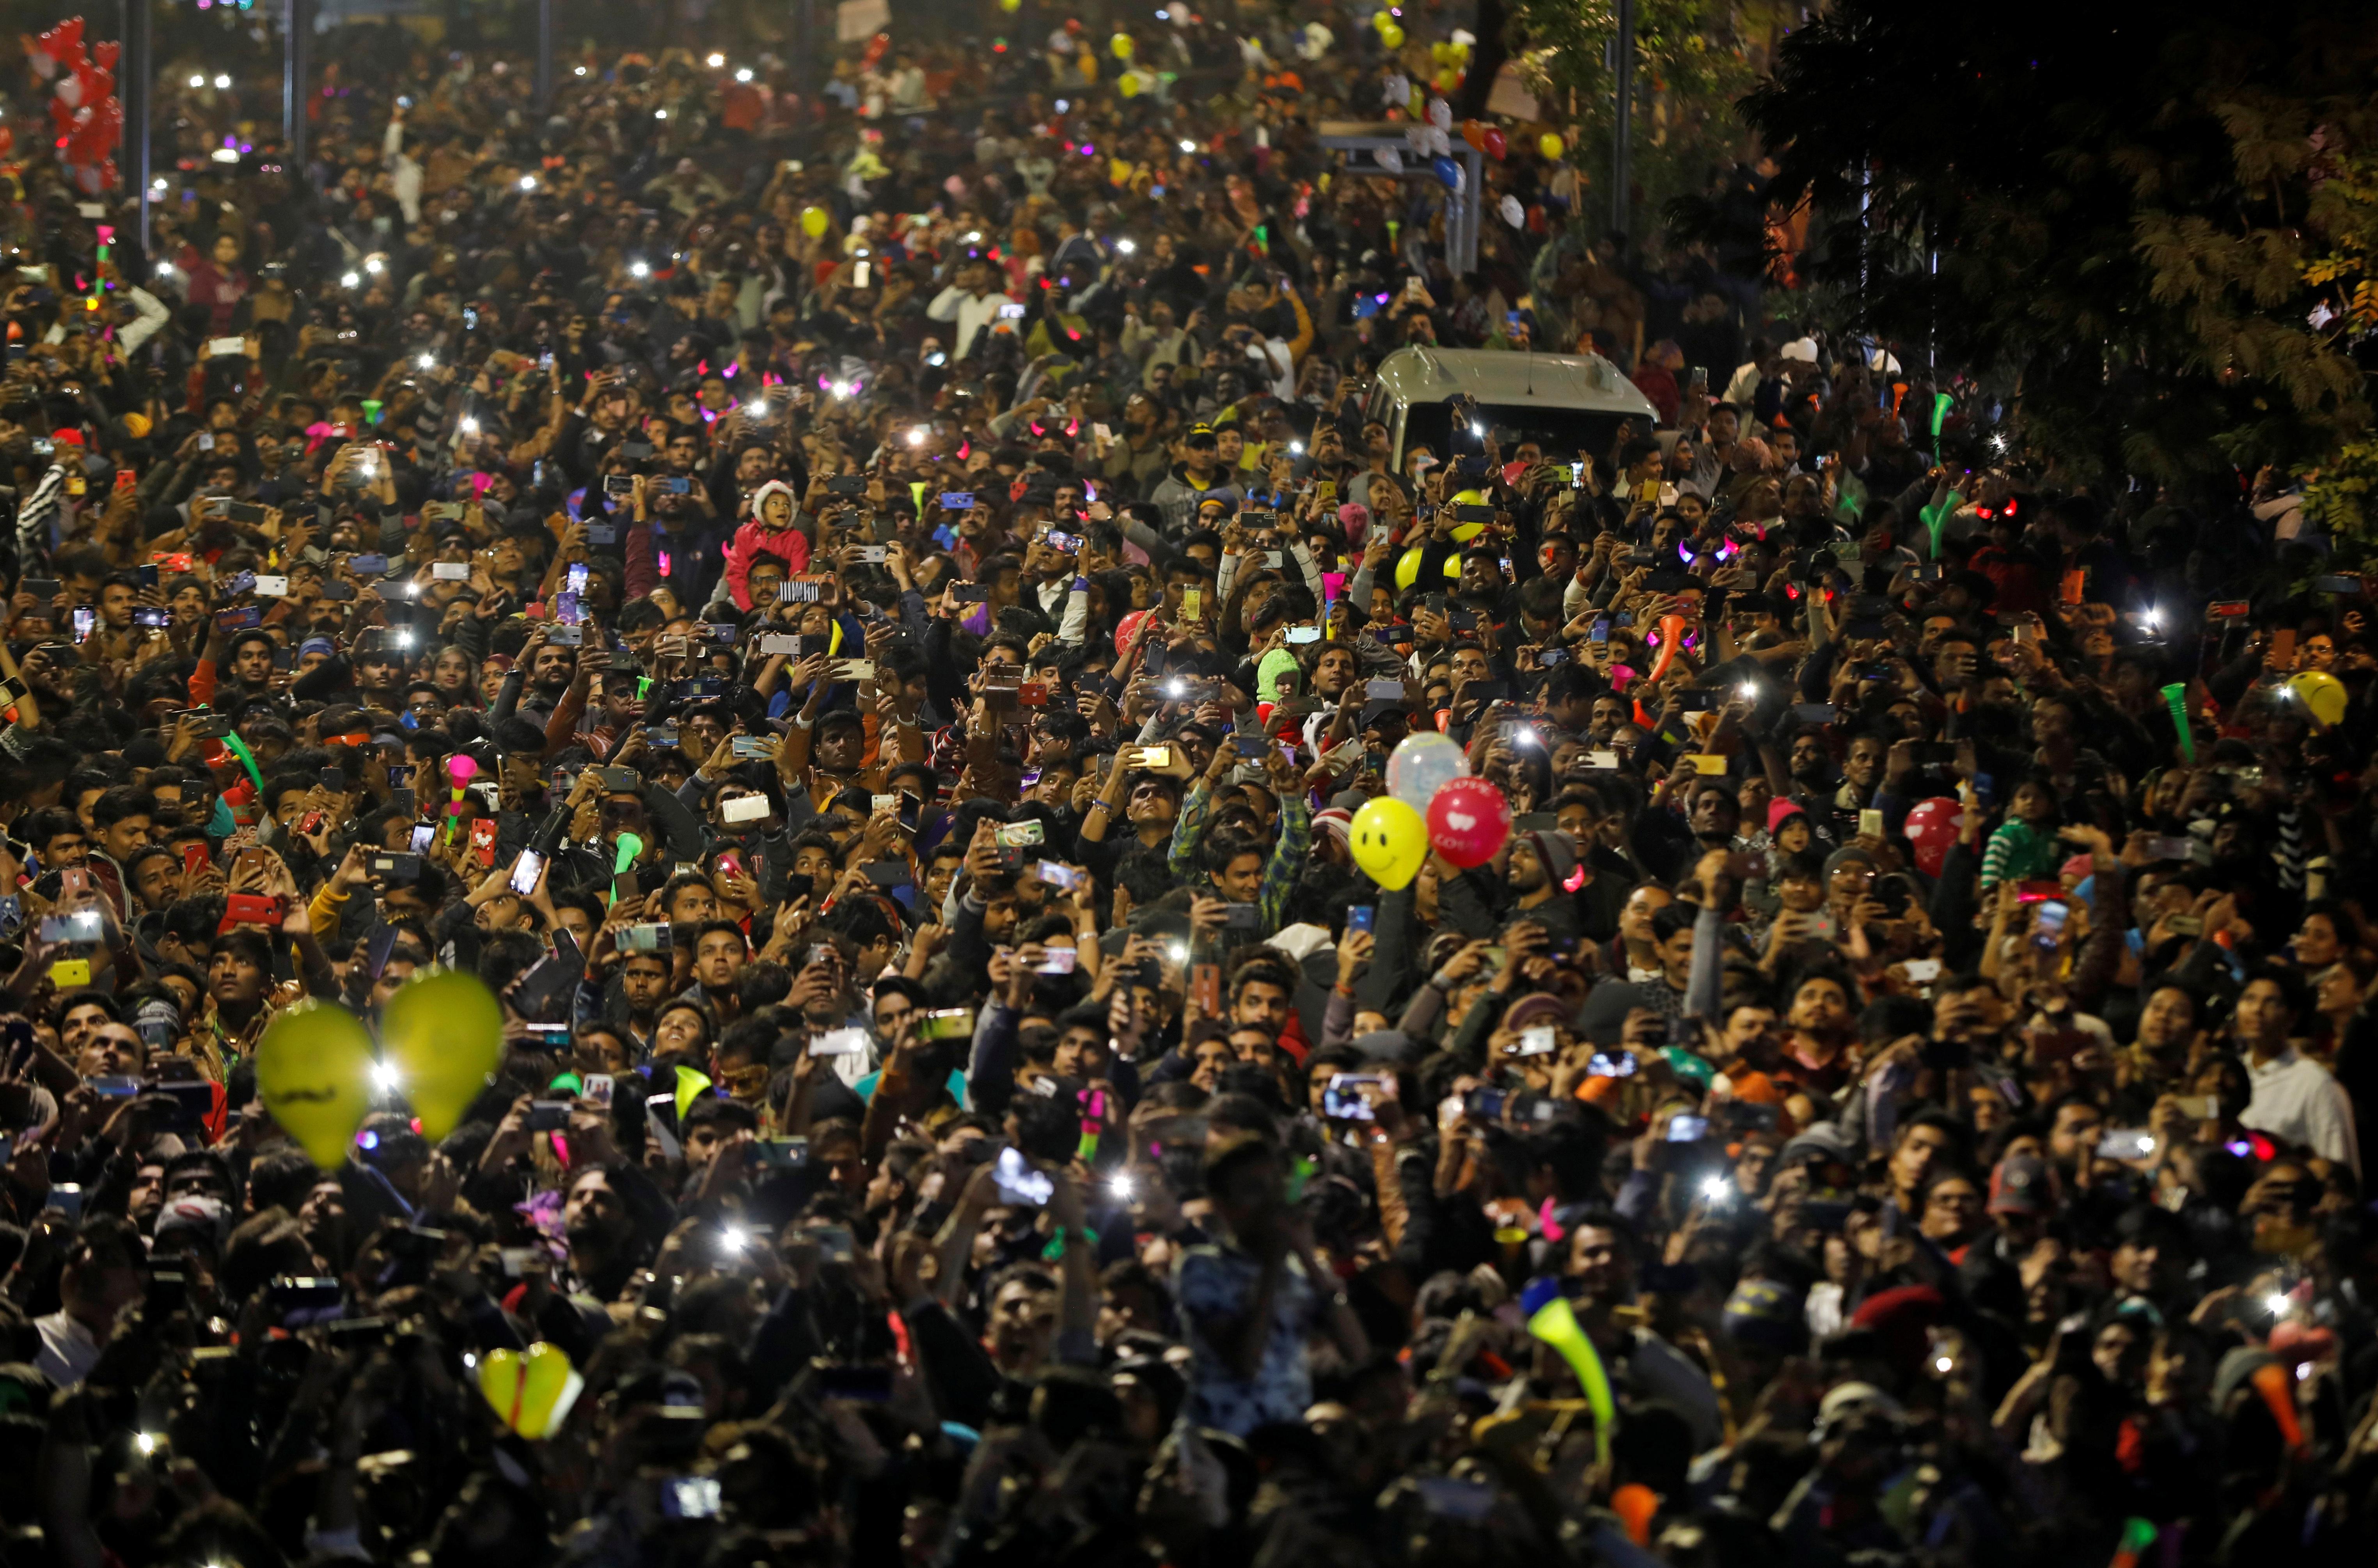 La gente enciende sus teléfonos móviles mientras celebra la cuenta atrás del Año Nuevo en una carretera de Ahmedabad, India (REUTERS/Amit Dave)